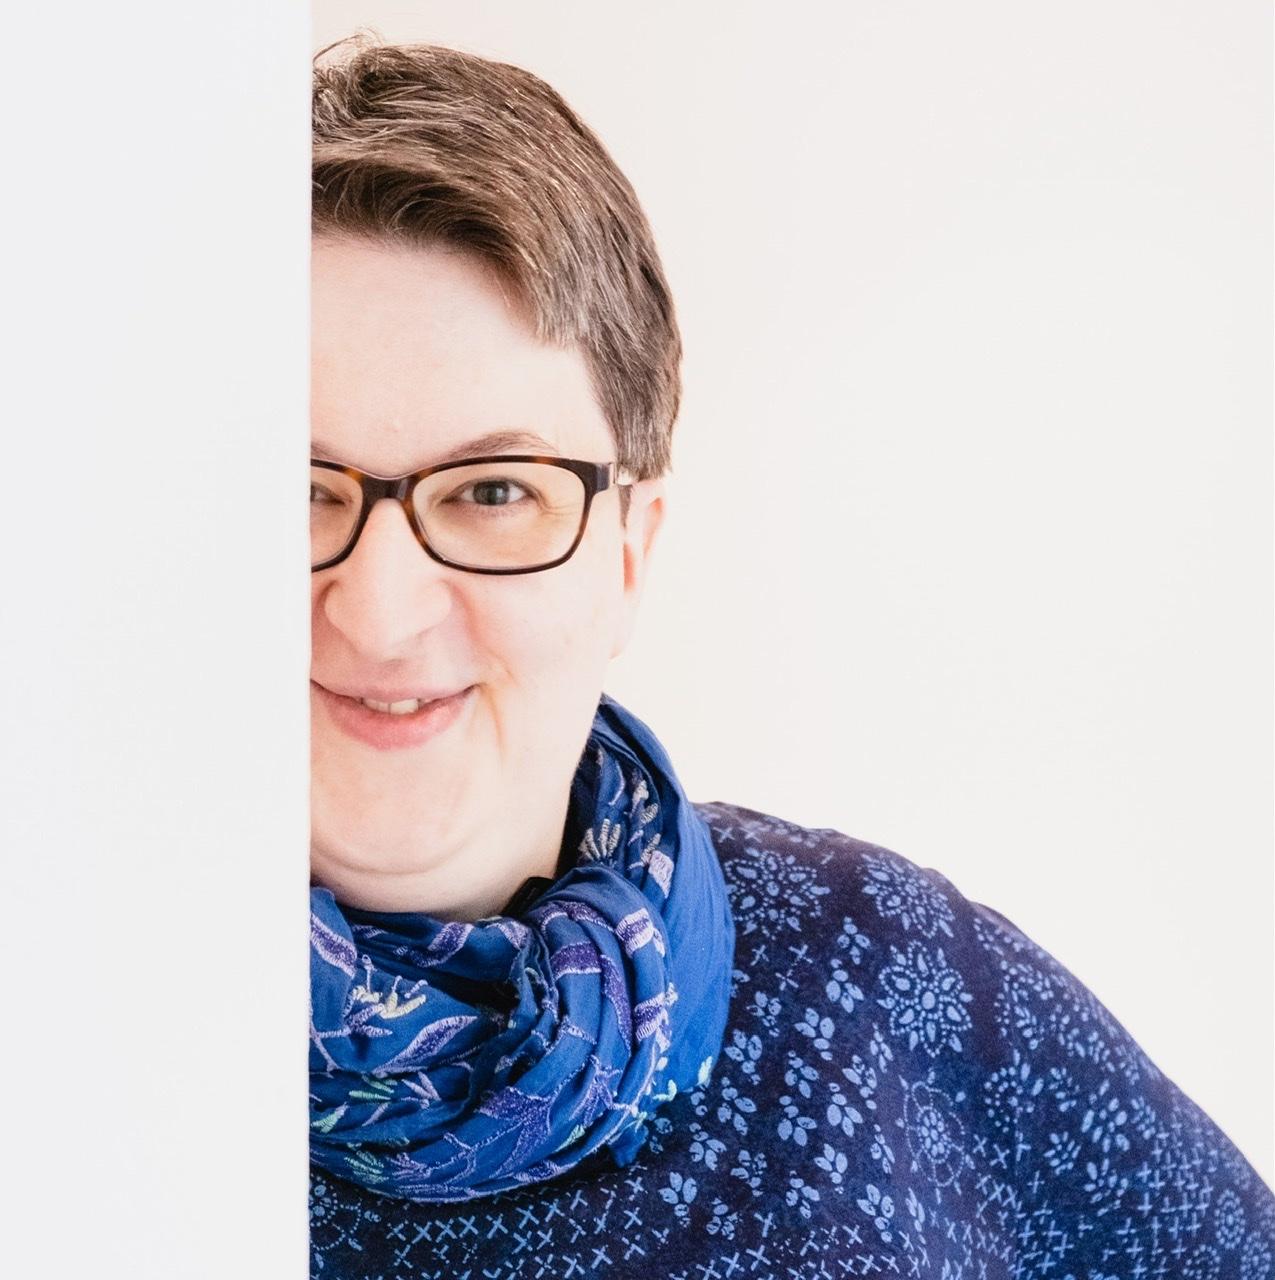 Annette Schwindt